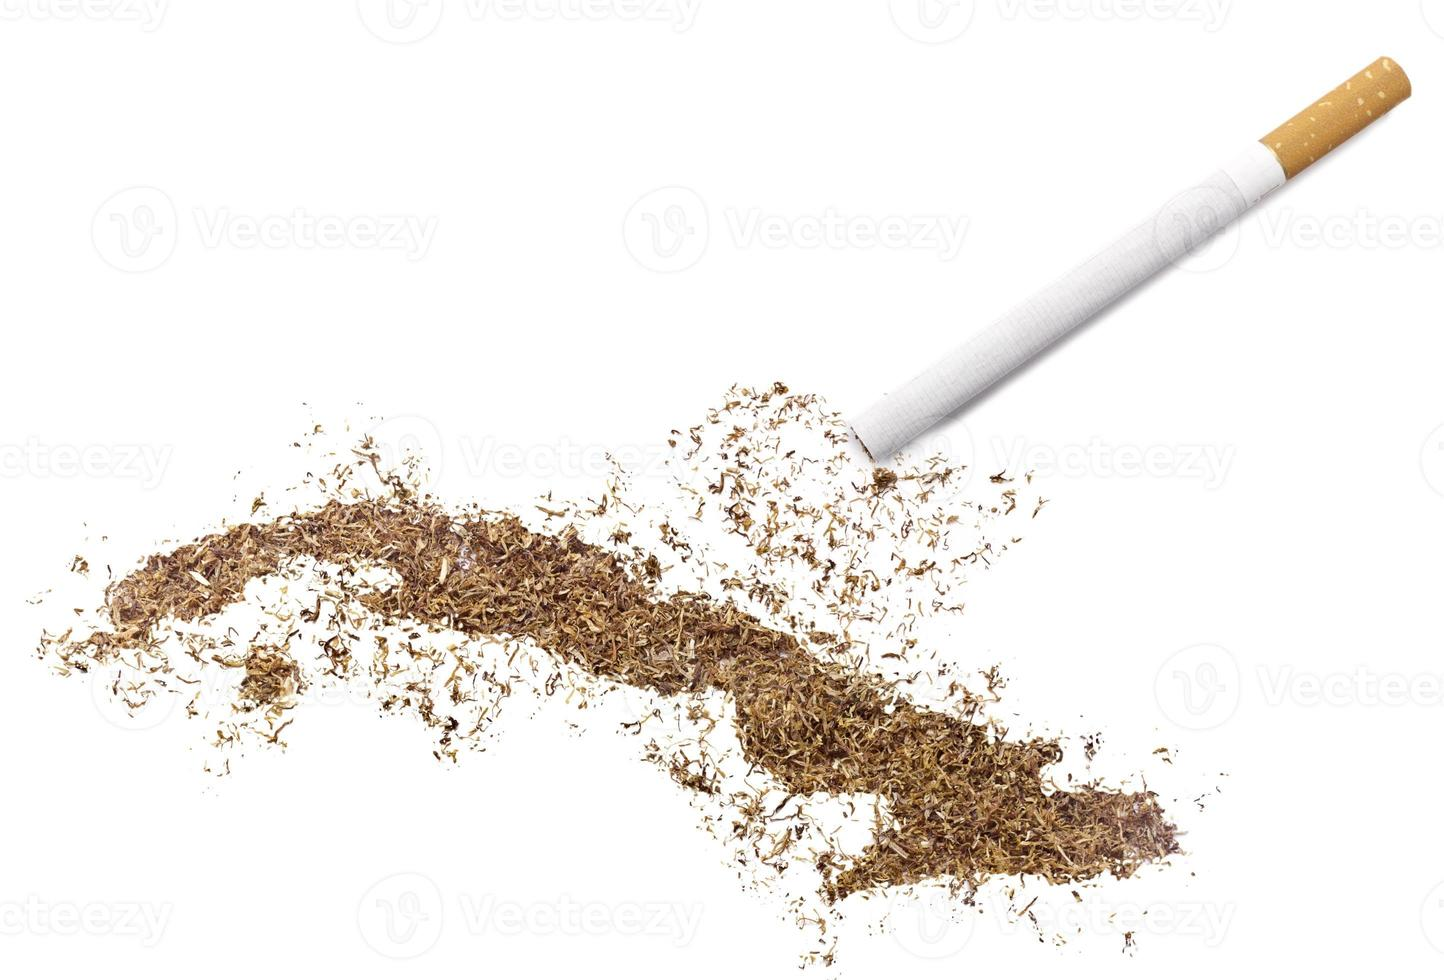 sigaretta e tabacco a forma di cuba (serie) foto